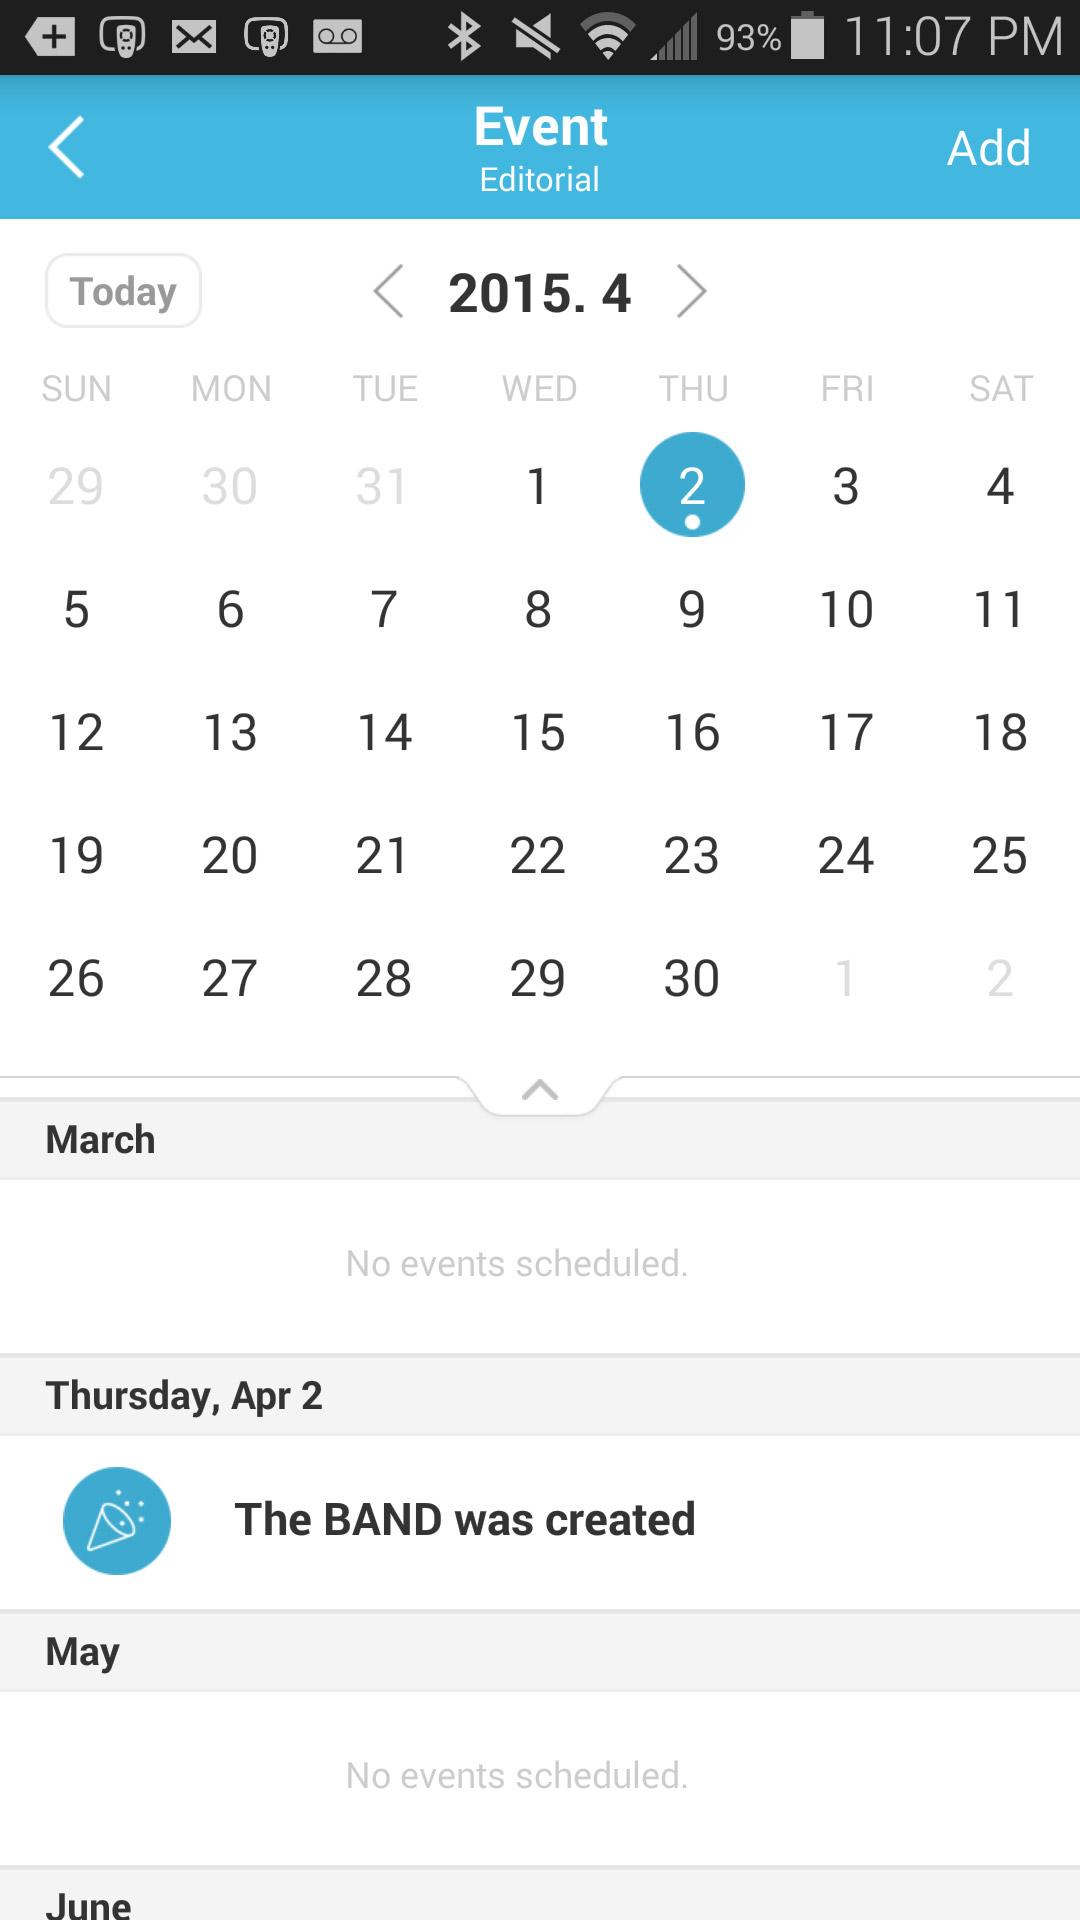 https://www.dayhaps.com/en/online-calendar/calendar-app/